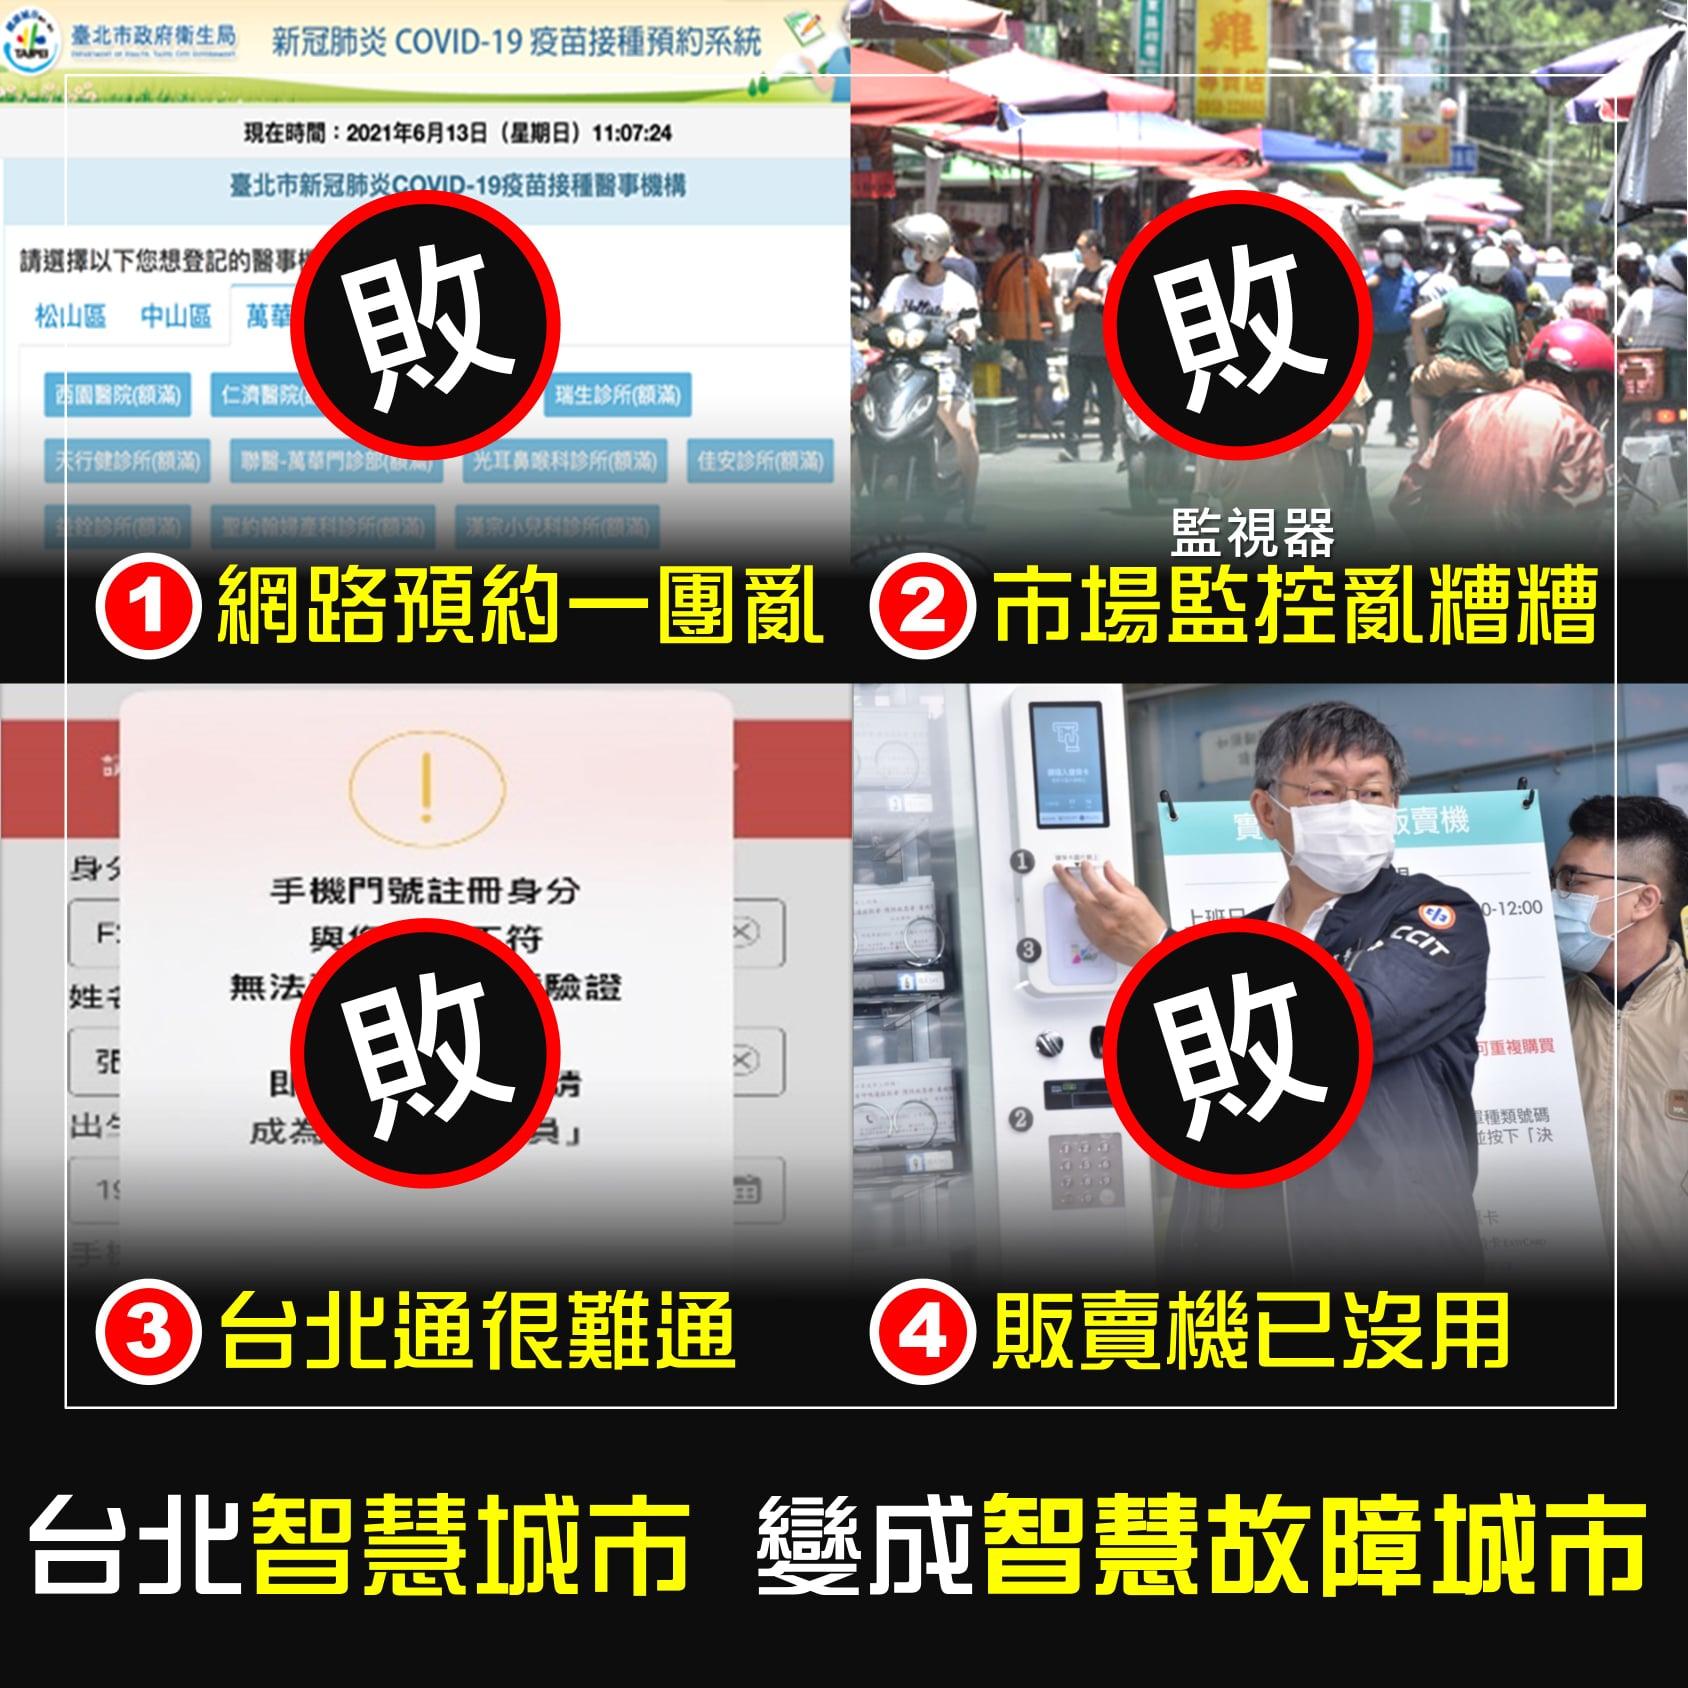 台北智慧城市,變成智慧故障城市